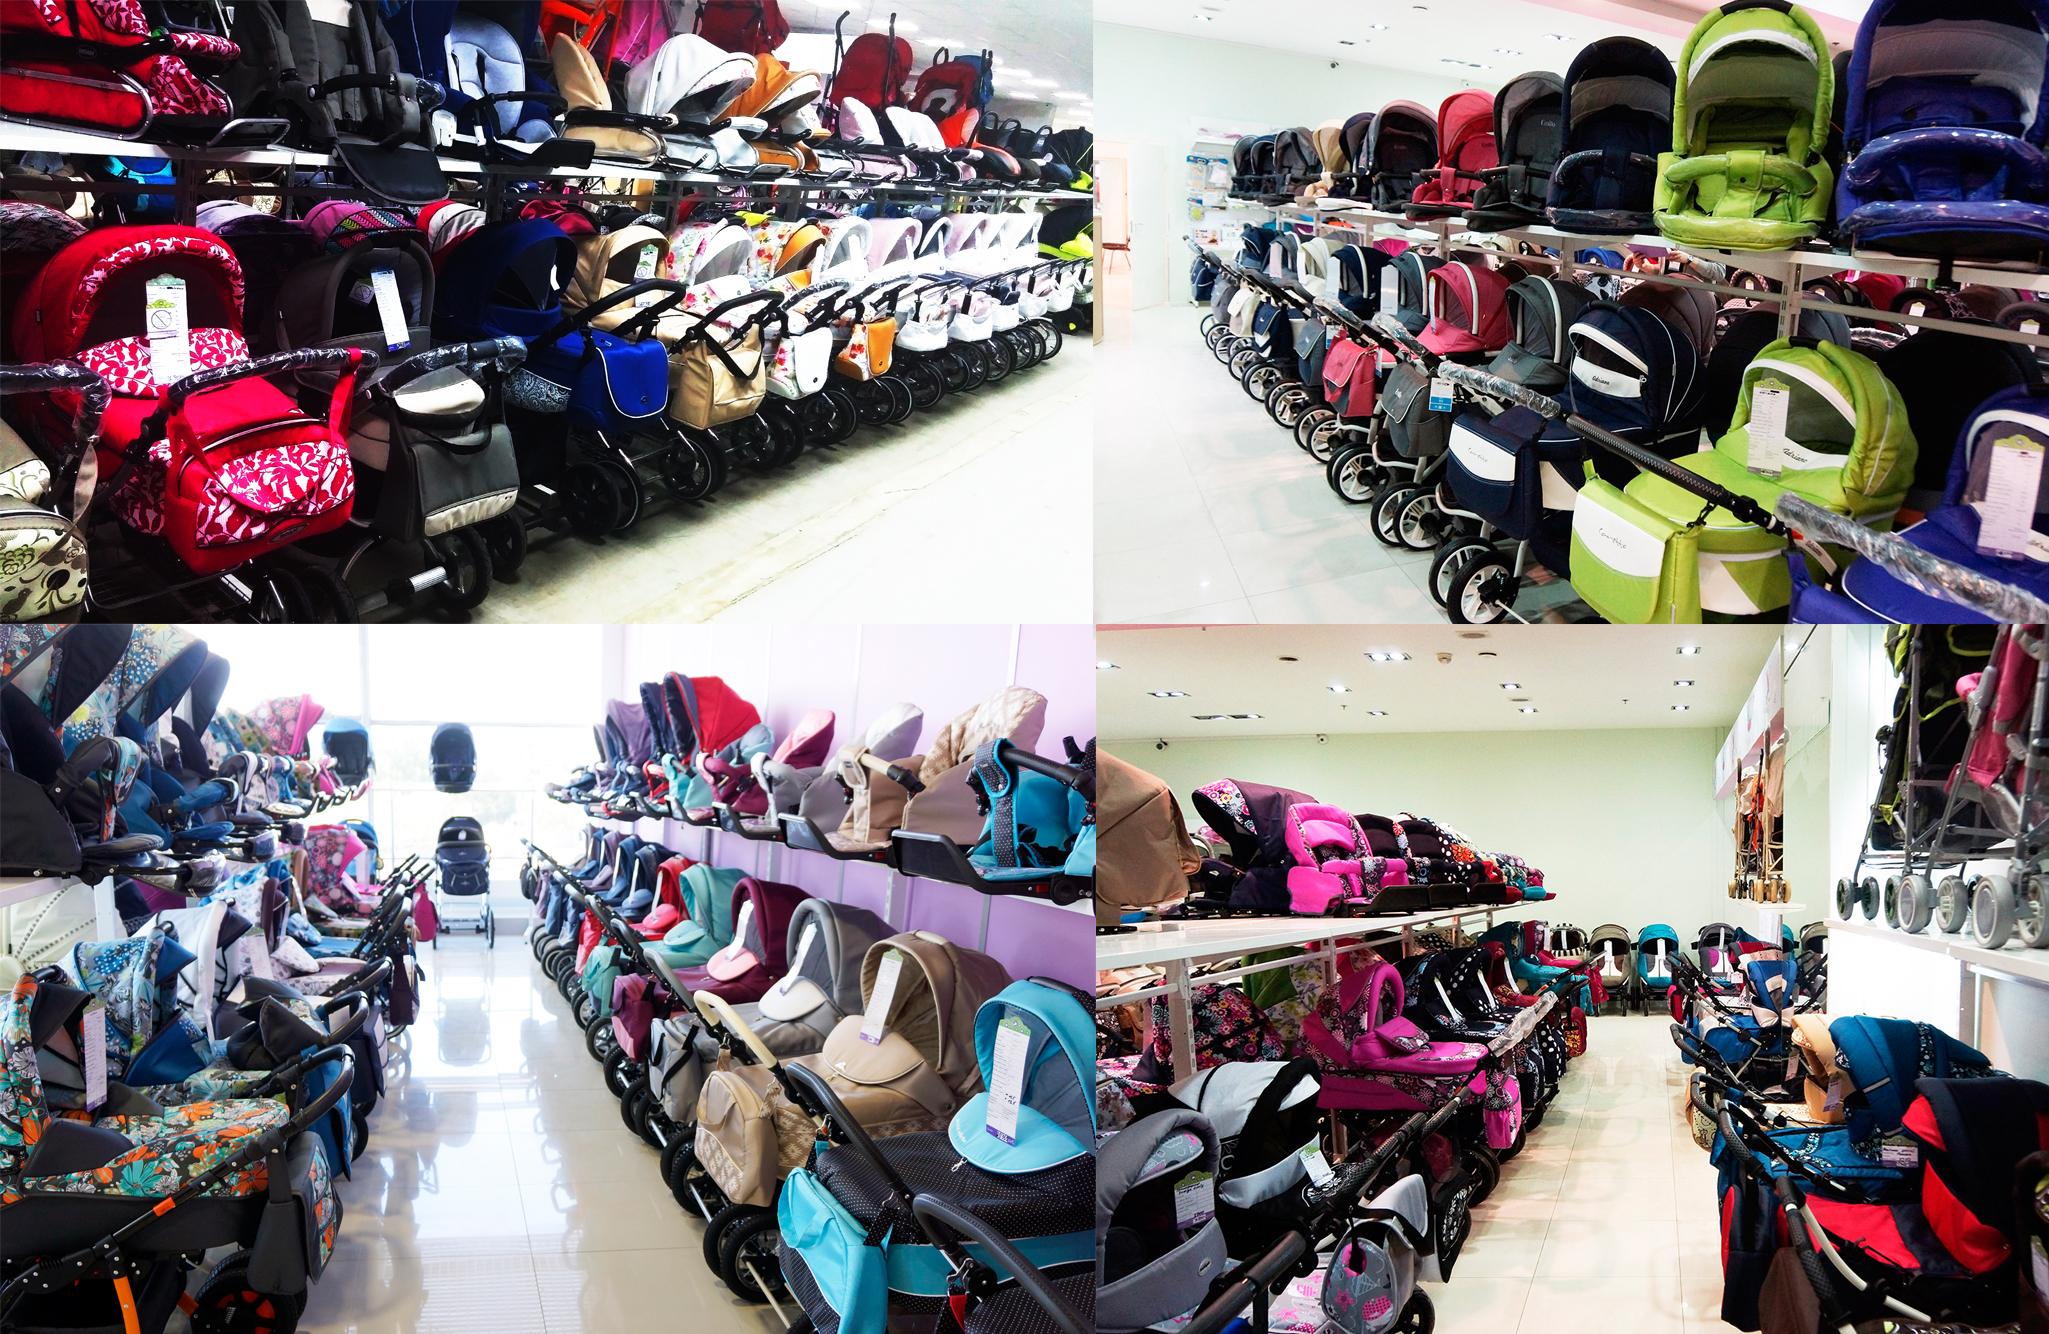 На картинке представлены фотографии из супермаркета Антошка с большим выбором колясок 2 в 1, 3 в 1